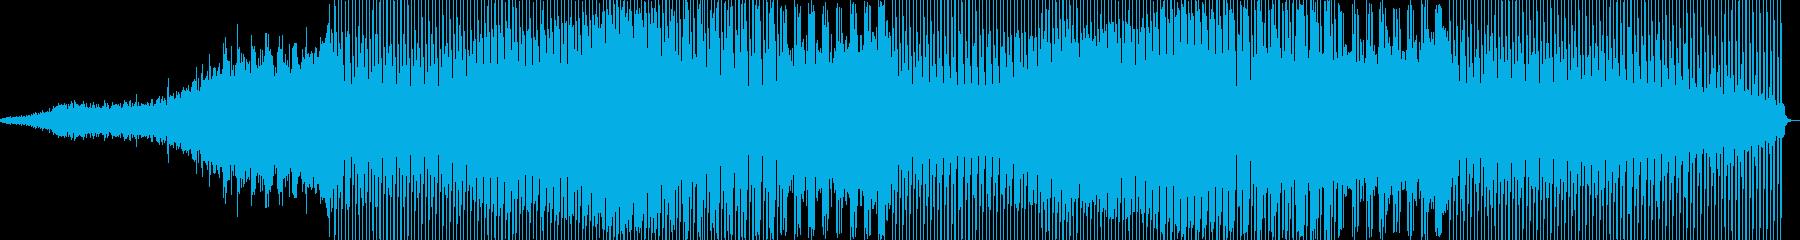 ファンキーなクラブミュージックの再生済みの波形